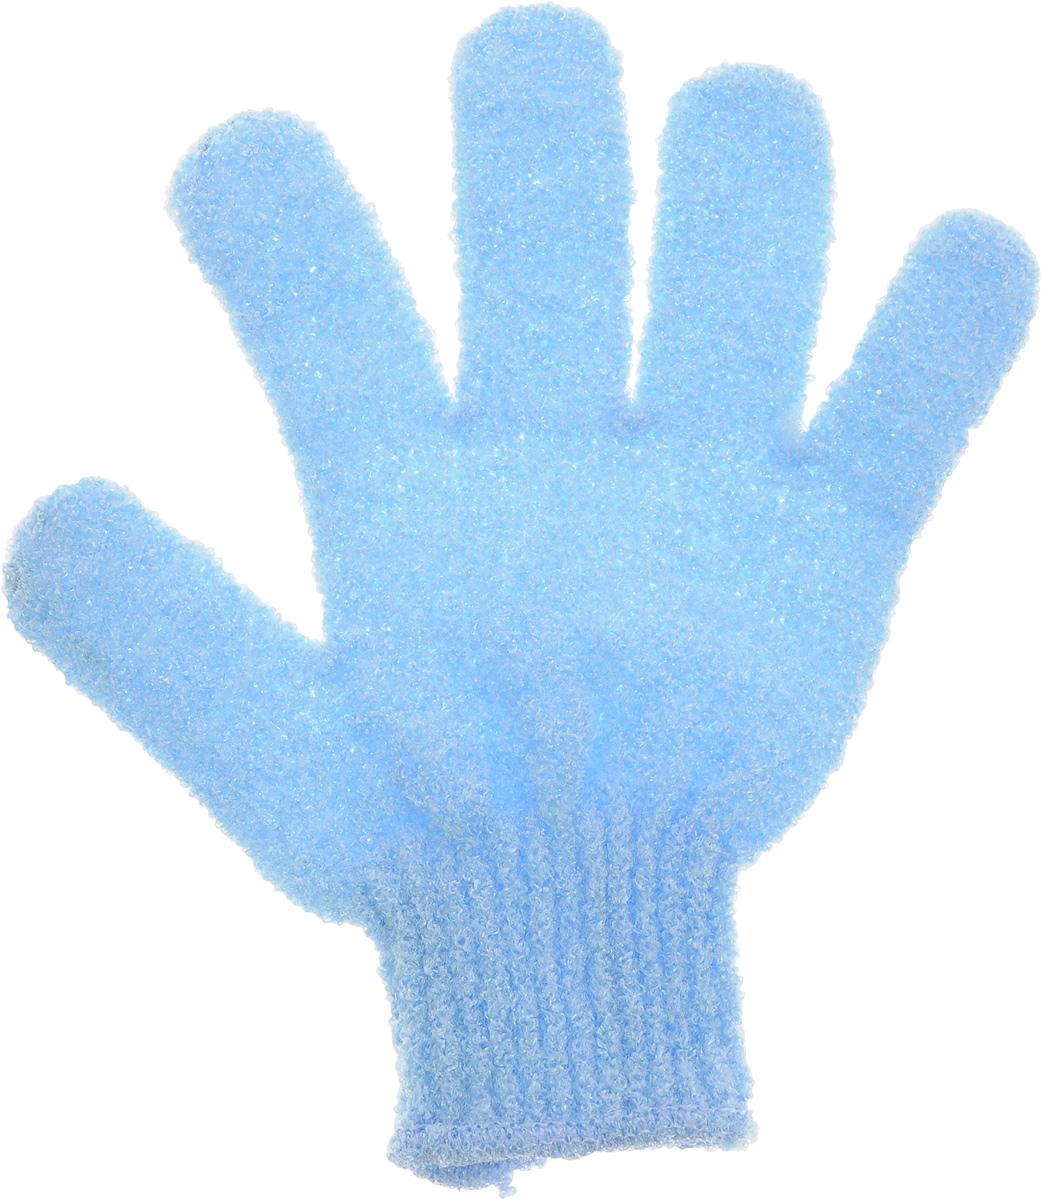 Мочалка-перчатка Банные штучки, цвет: голубой5955_зеленый, салатовыйМочалка-перчатка Банные штучки, цвет: голубой